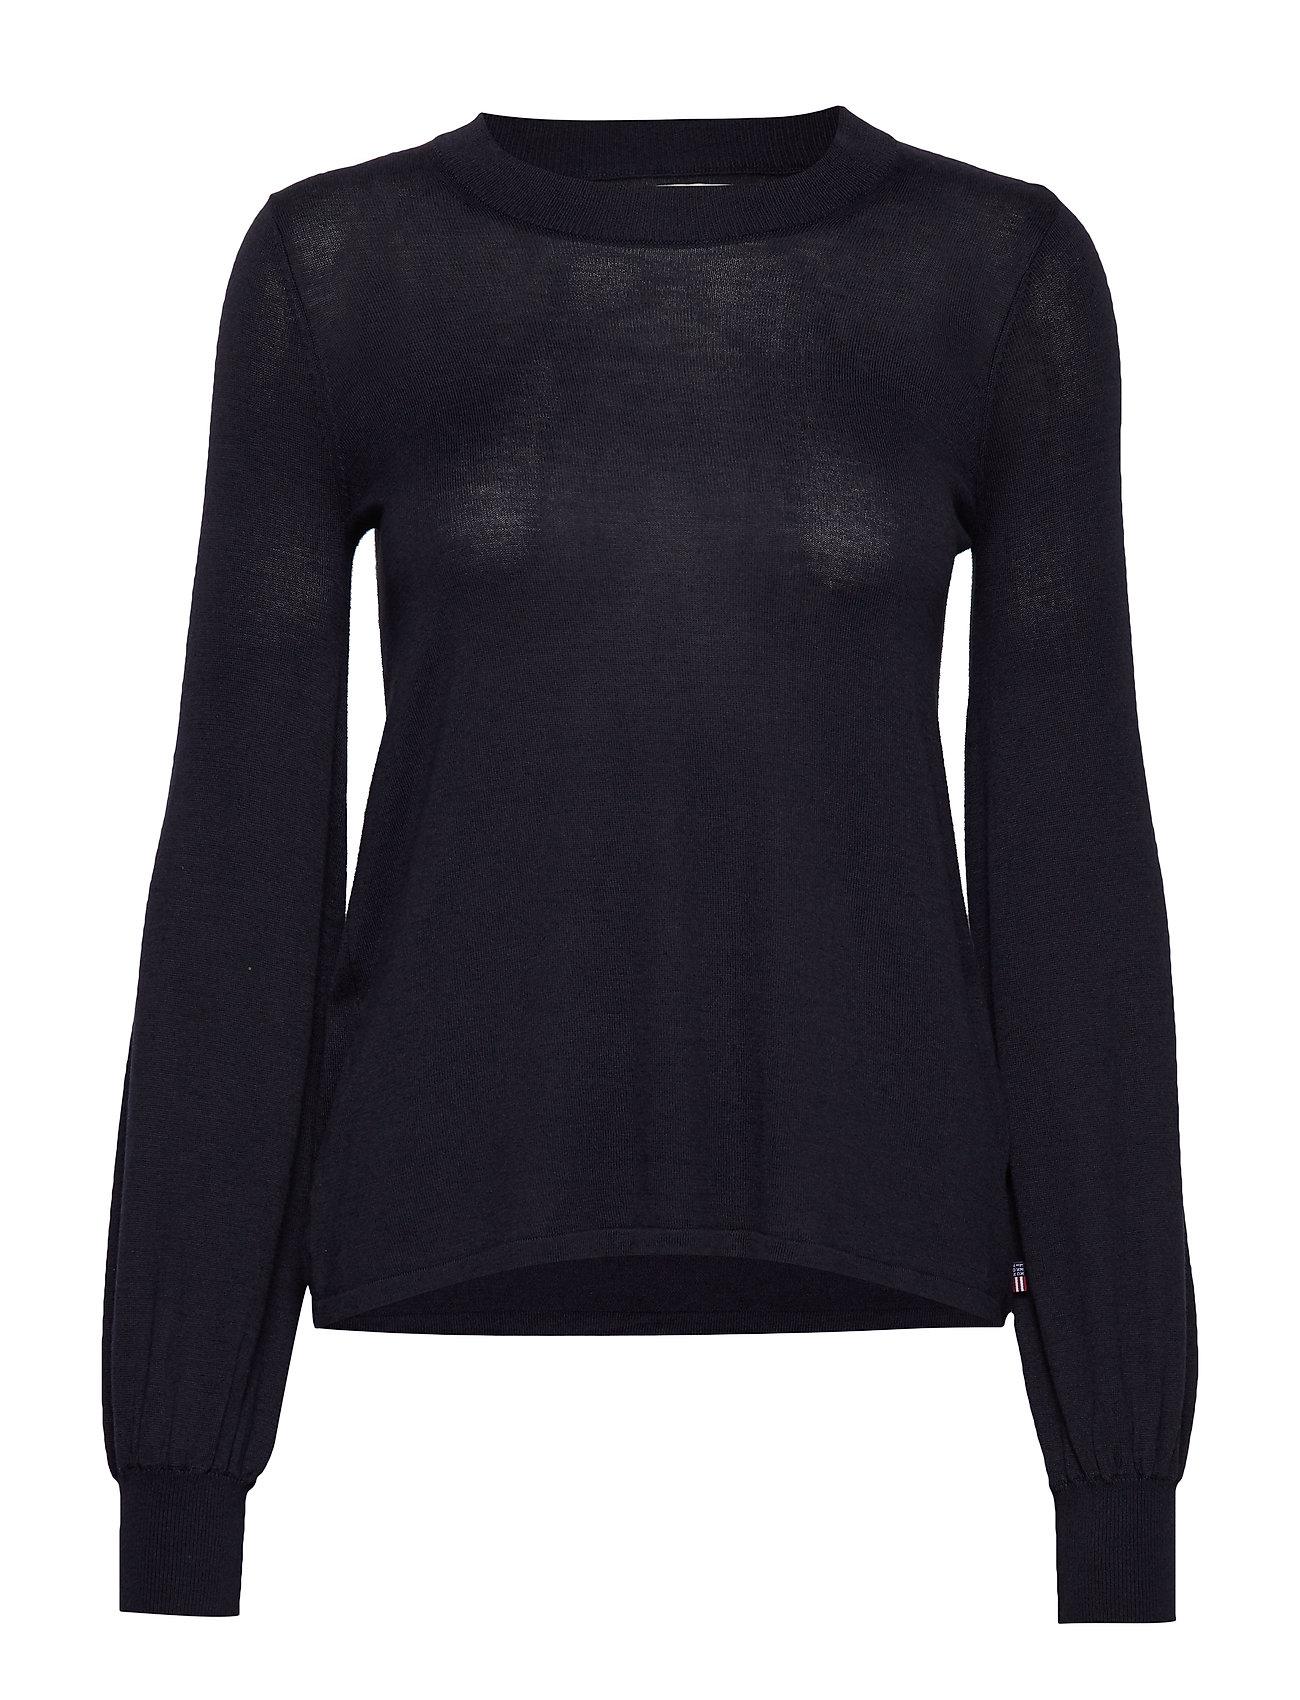 Lexington Clothing Sadie Sweater - BROWN MELANGE